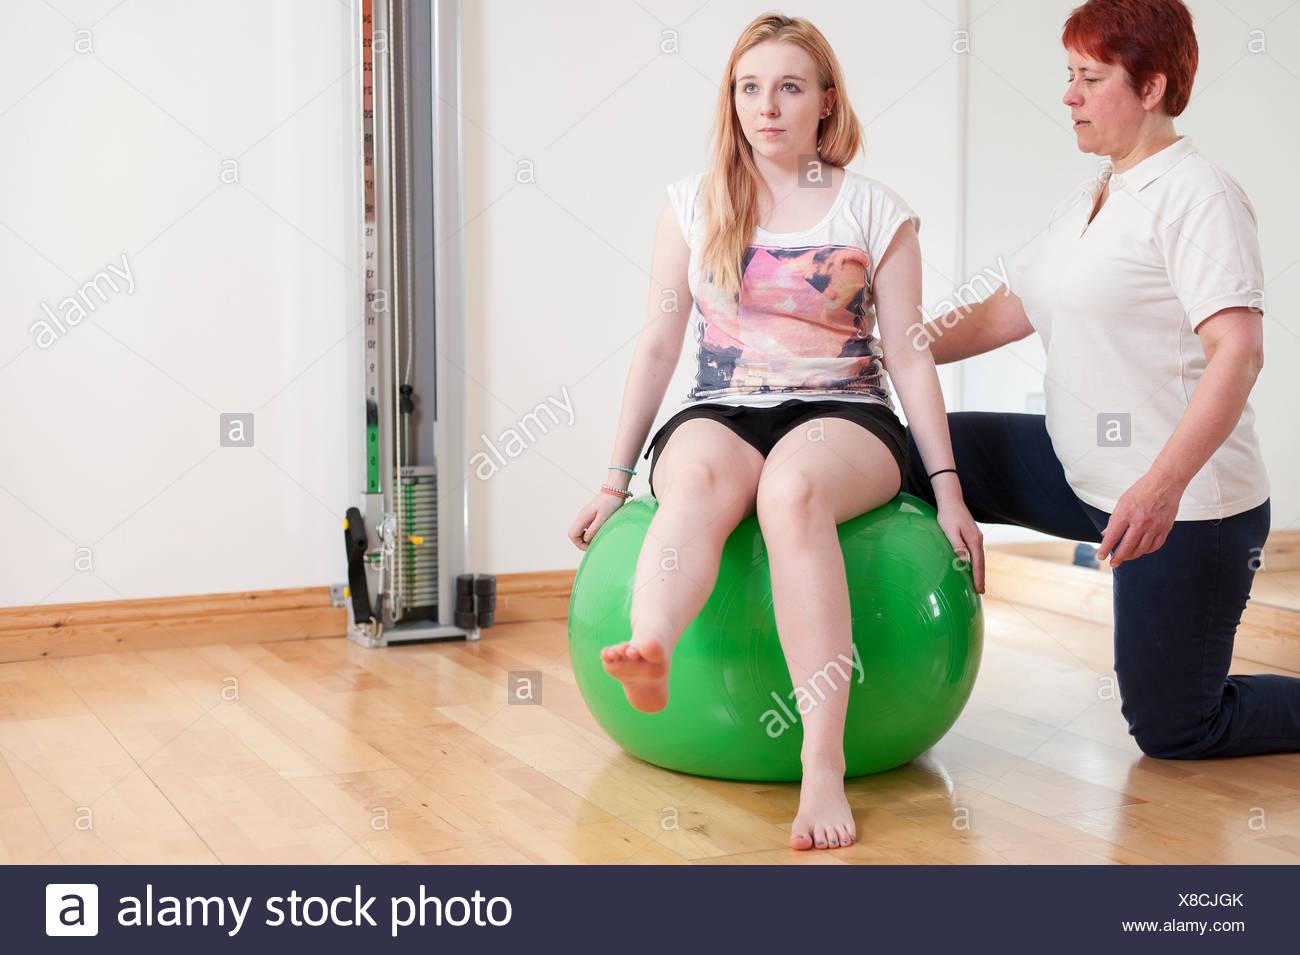 Giovane donna seduta sulla sfera di fitness, essendo guidato da donna matura Immagini Stock